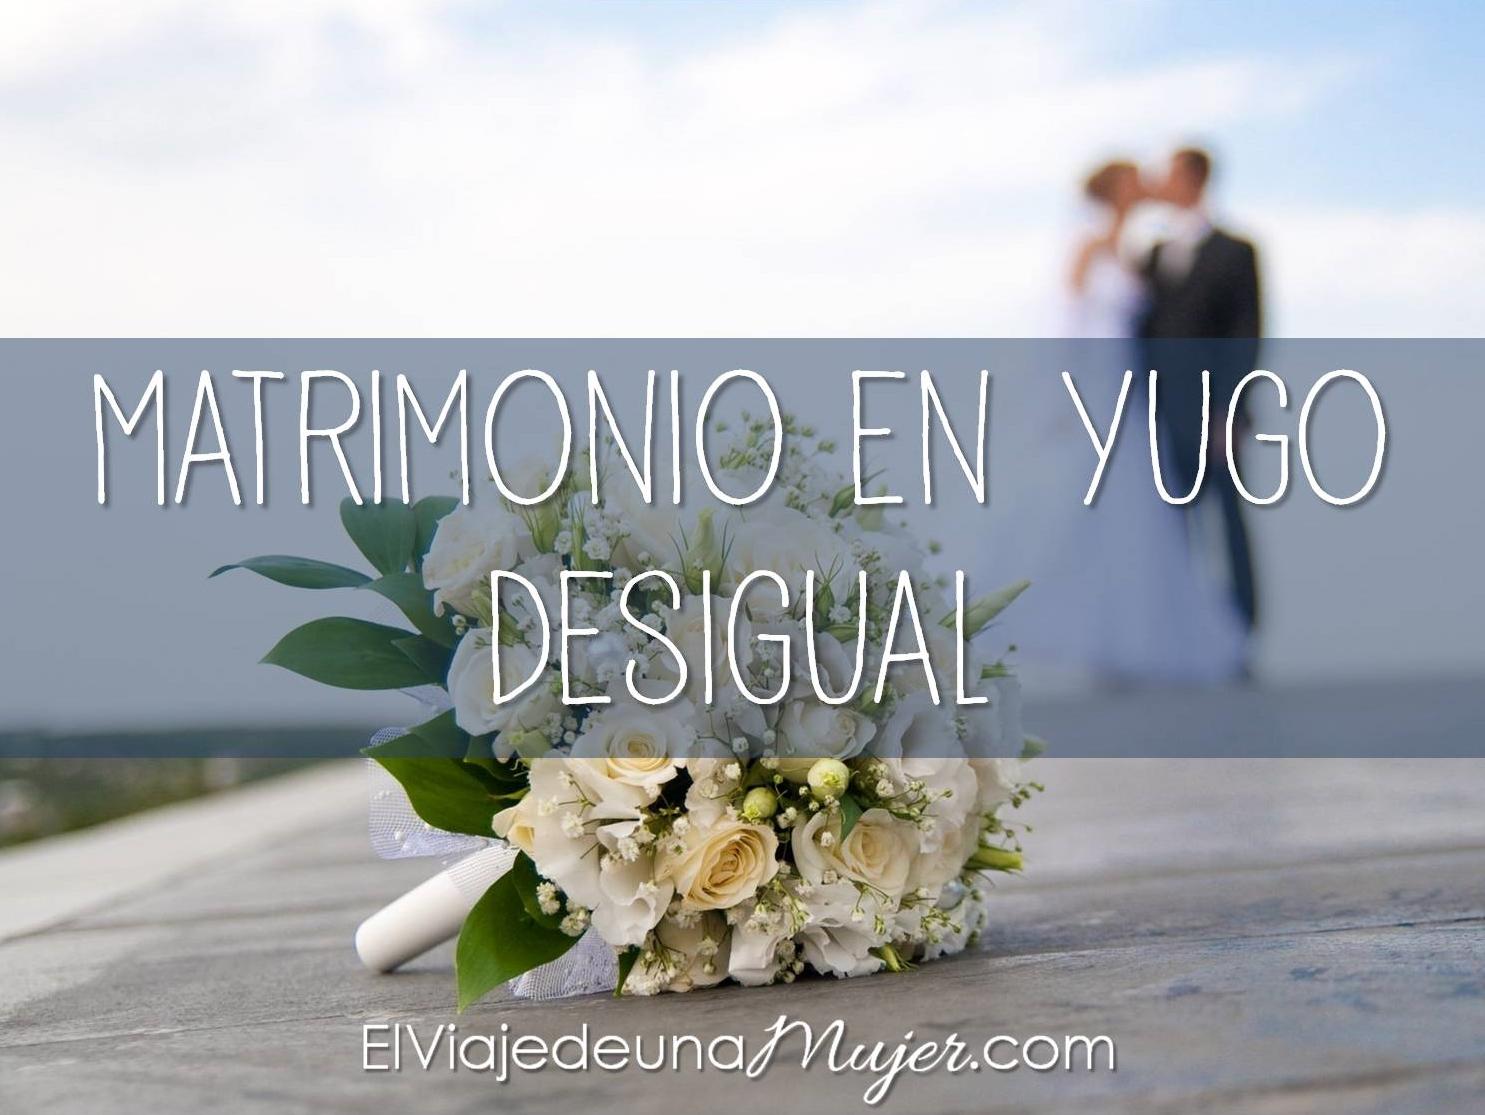 Matrimonio Segun Biblia : Matrimonio en yugo desigual